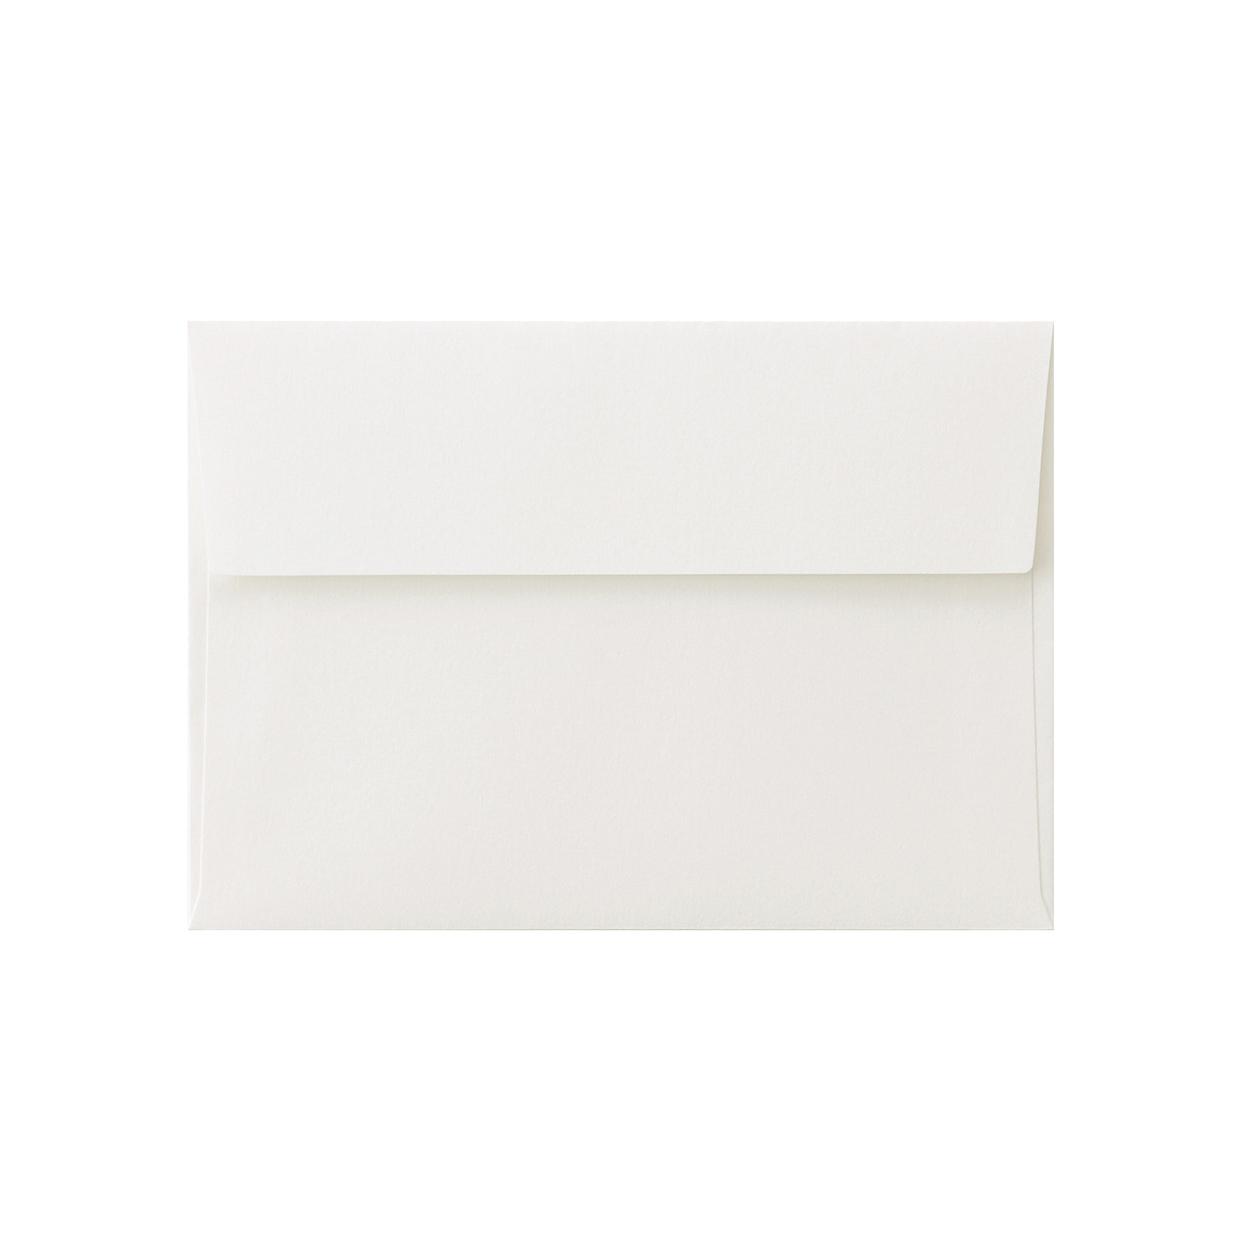 洋2カマス封筒 コットン スノーホワイト 116.3g